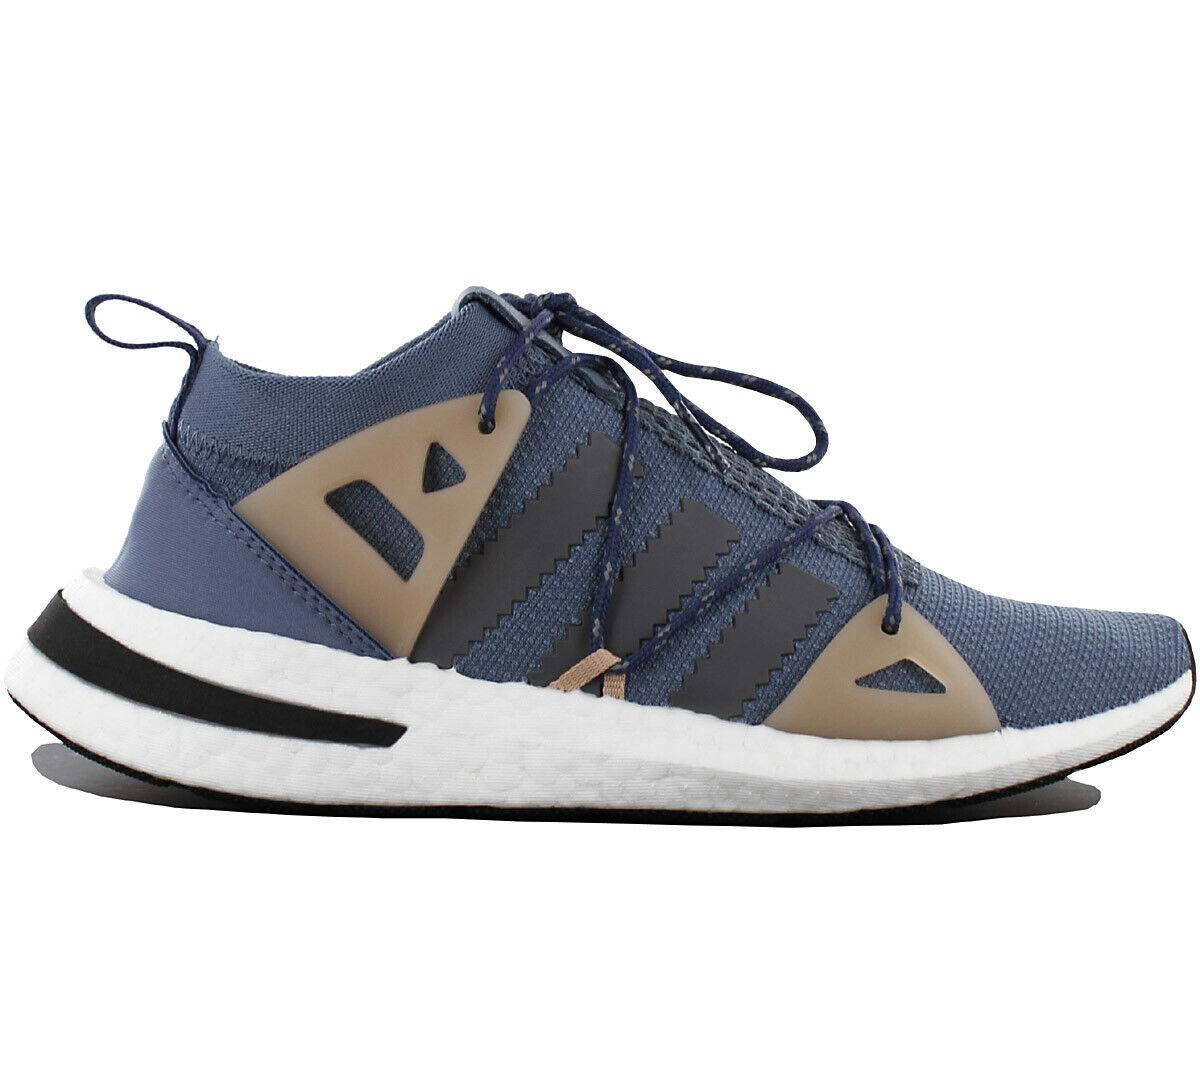 ADIDAS Originals arkyn W Boost scarpe da ginnastica Donna Scarpe Blu da9606 Scarpe Da Ginnastica Nuovo